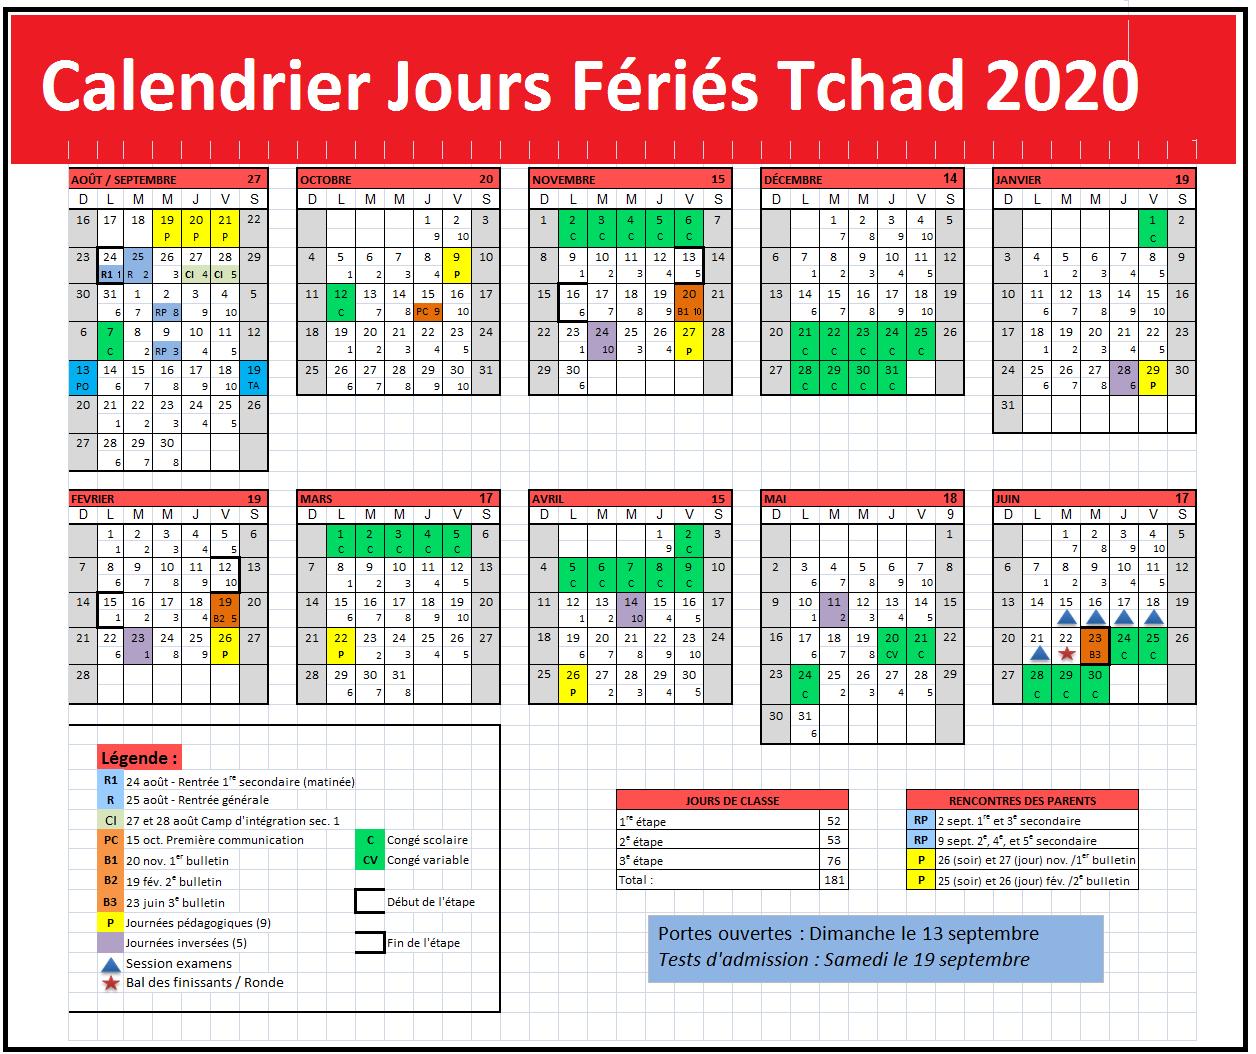 Calendrier Jours Feries Tchad 2020 Et 2021